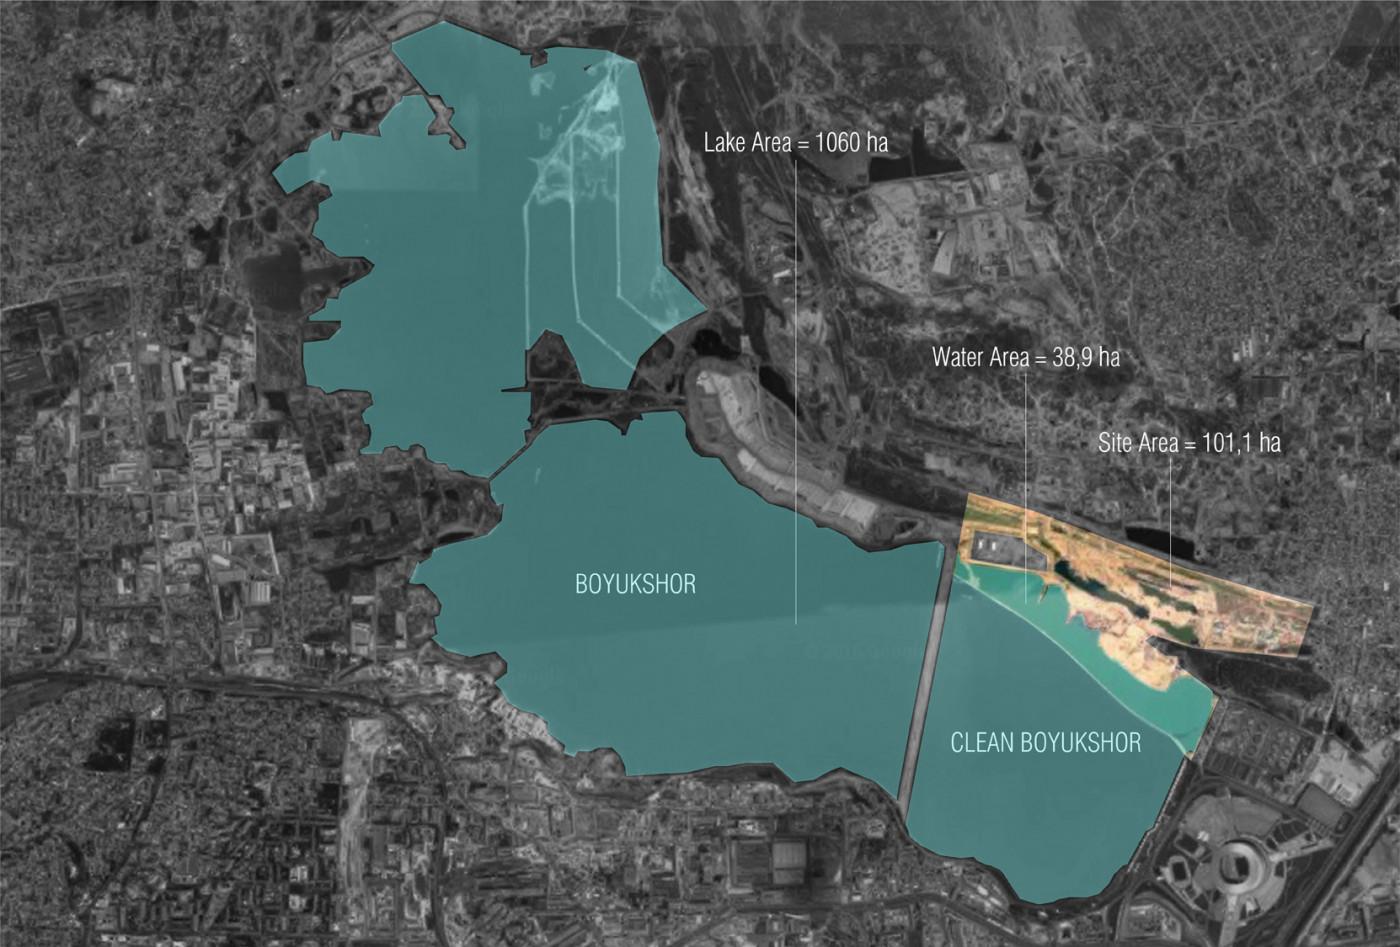 Розташування проектної ділянки на території озера Беюк-Шор / Технопарк на території озера Беюк-Шор